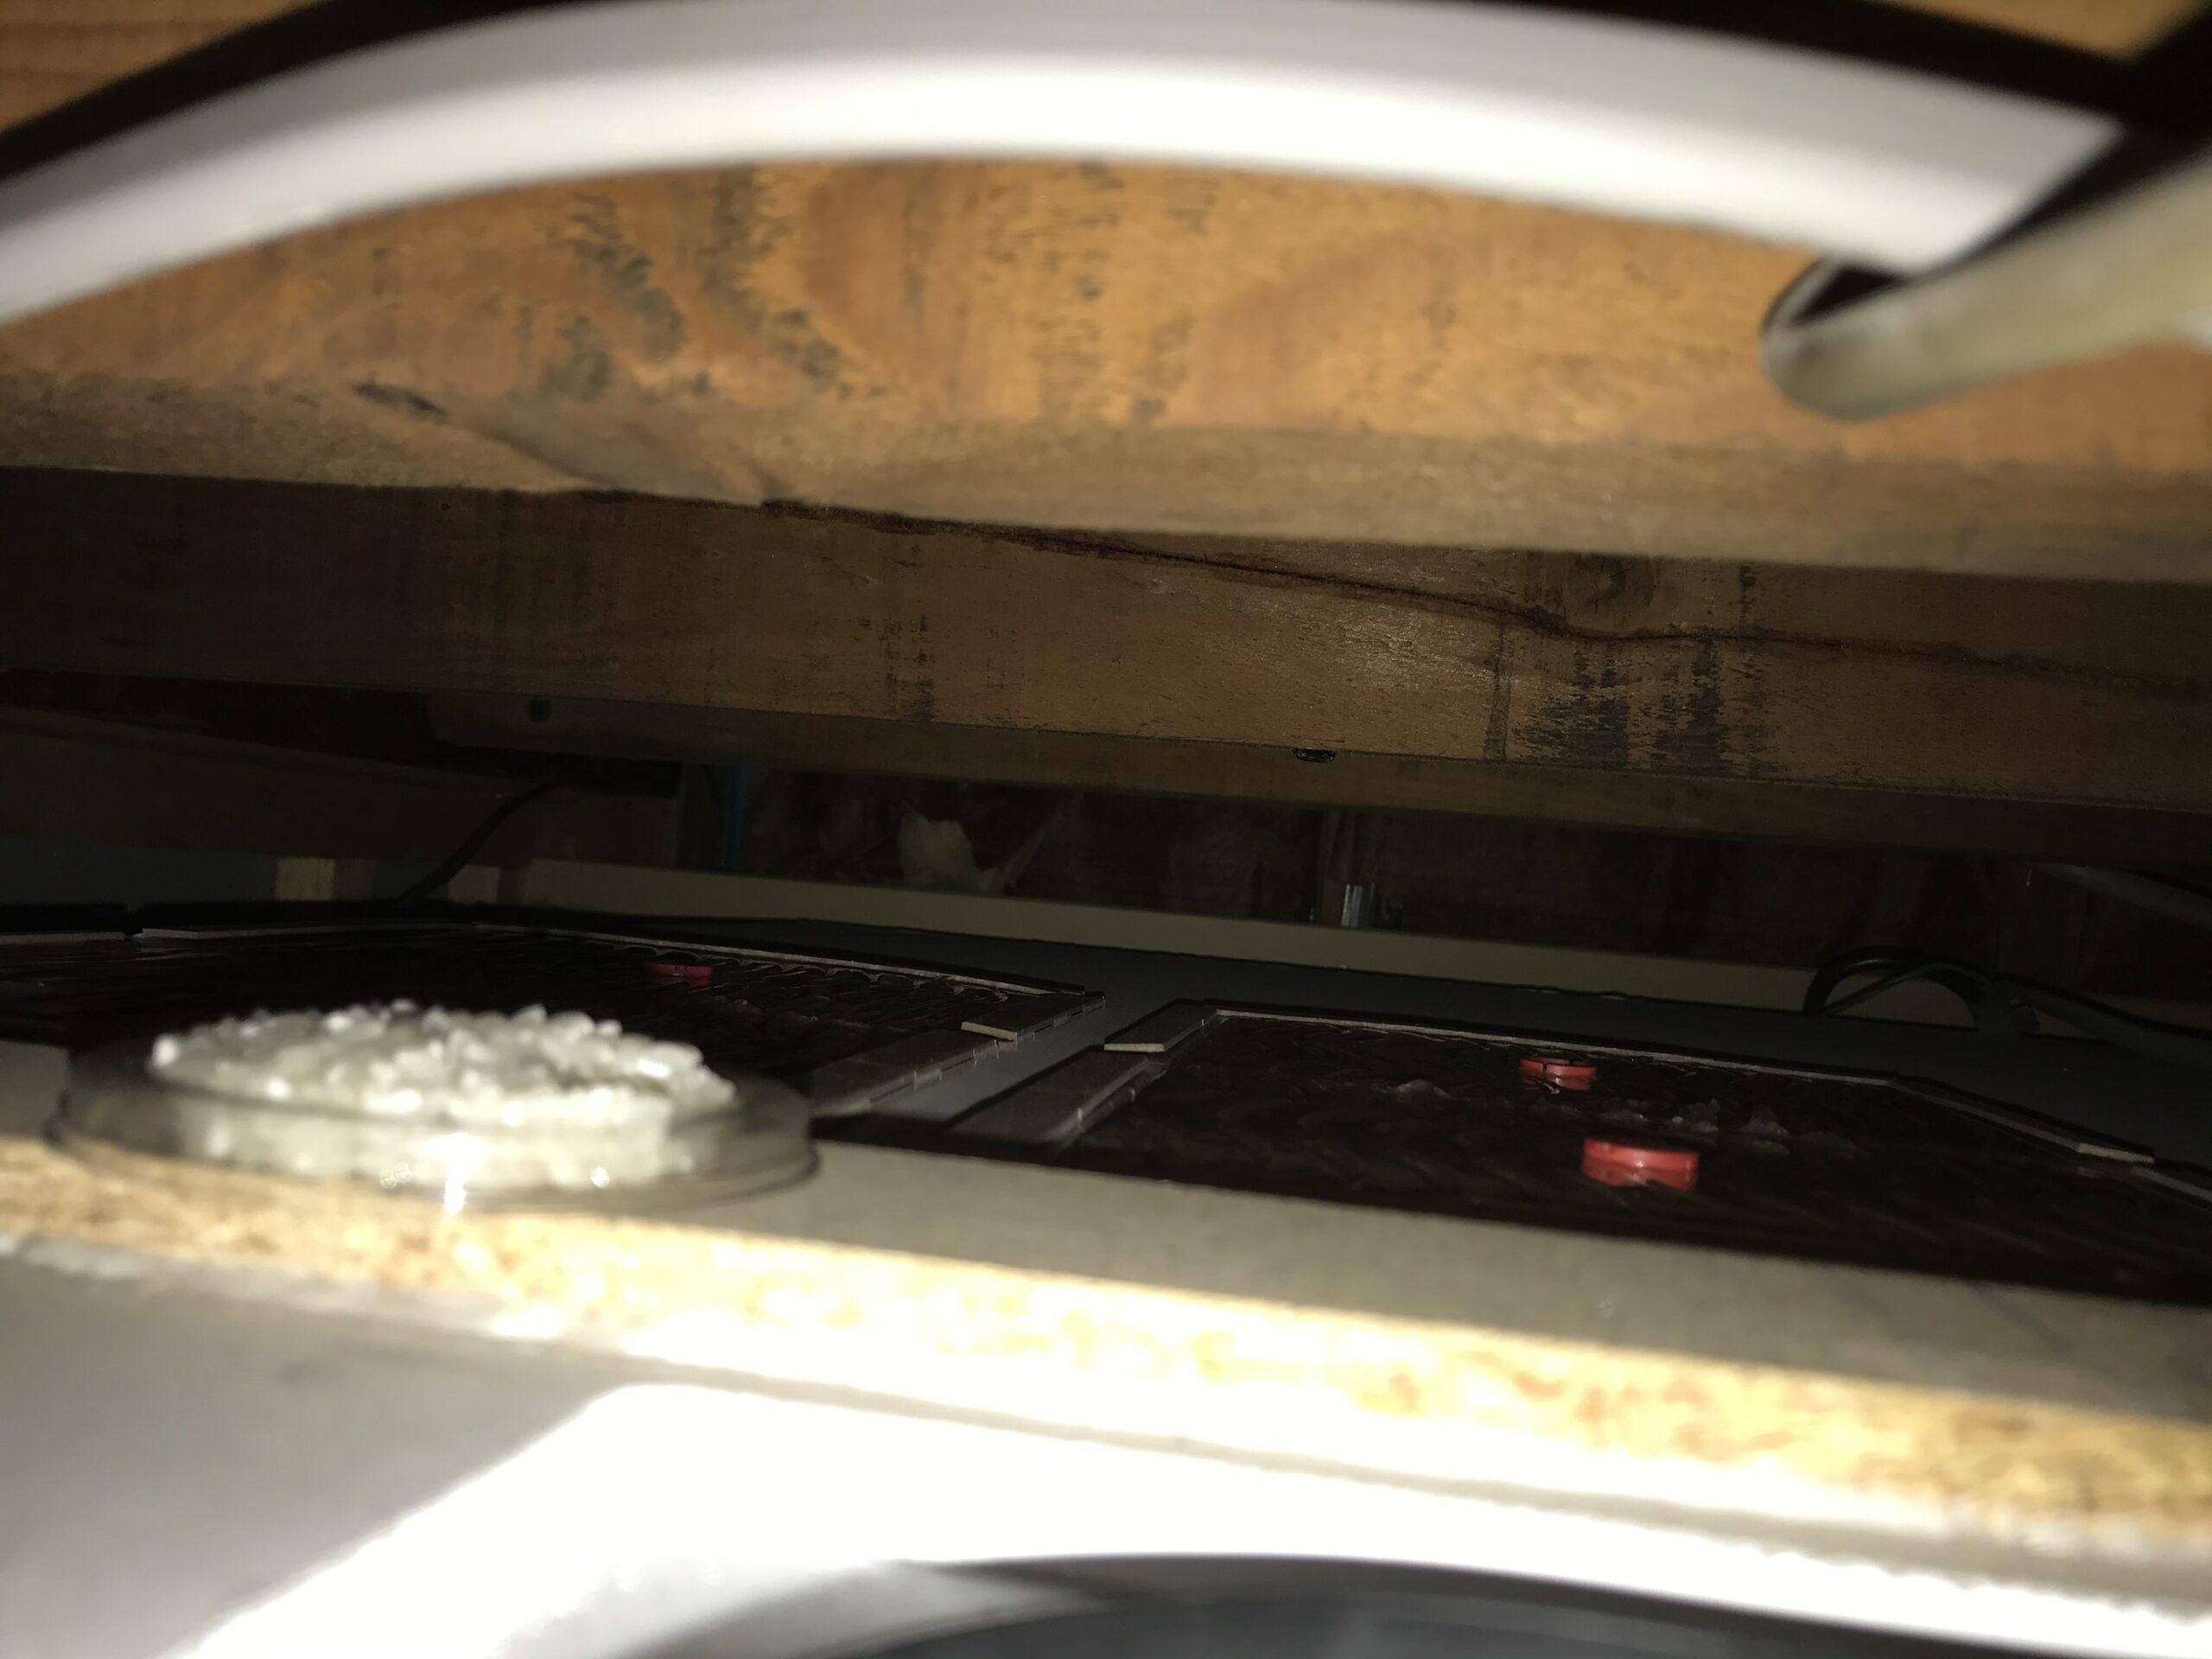 東京都江戸川区のアパートのネズミ駆除:施工後